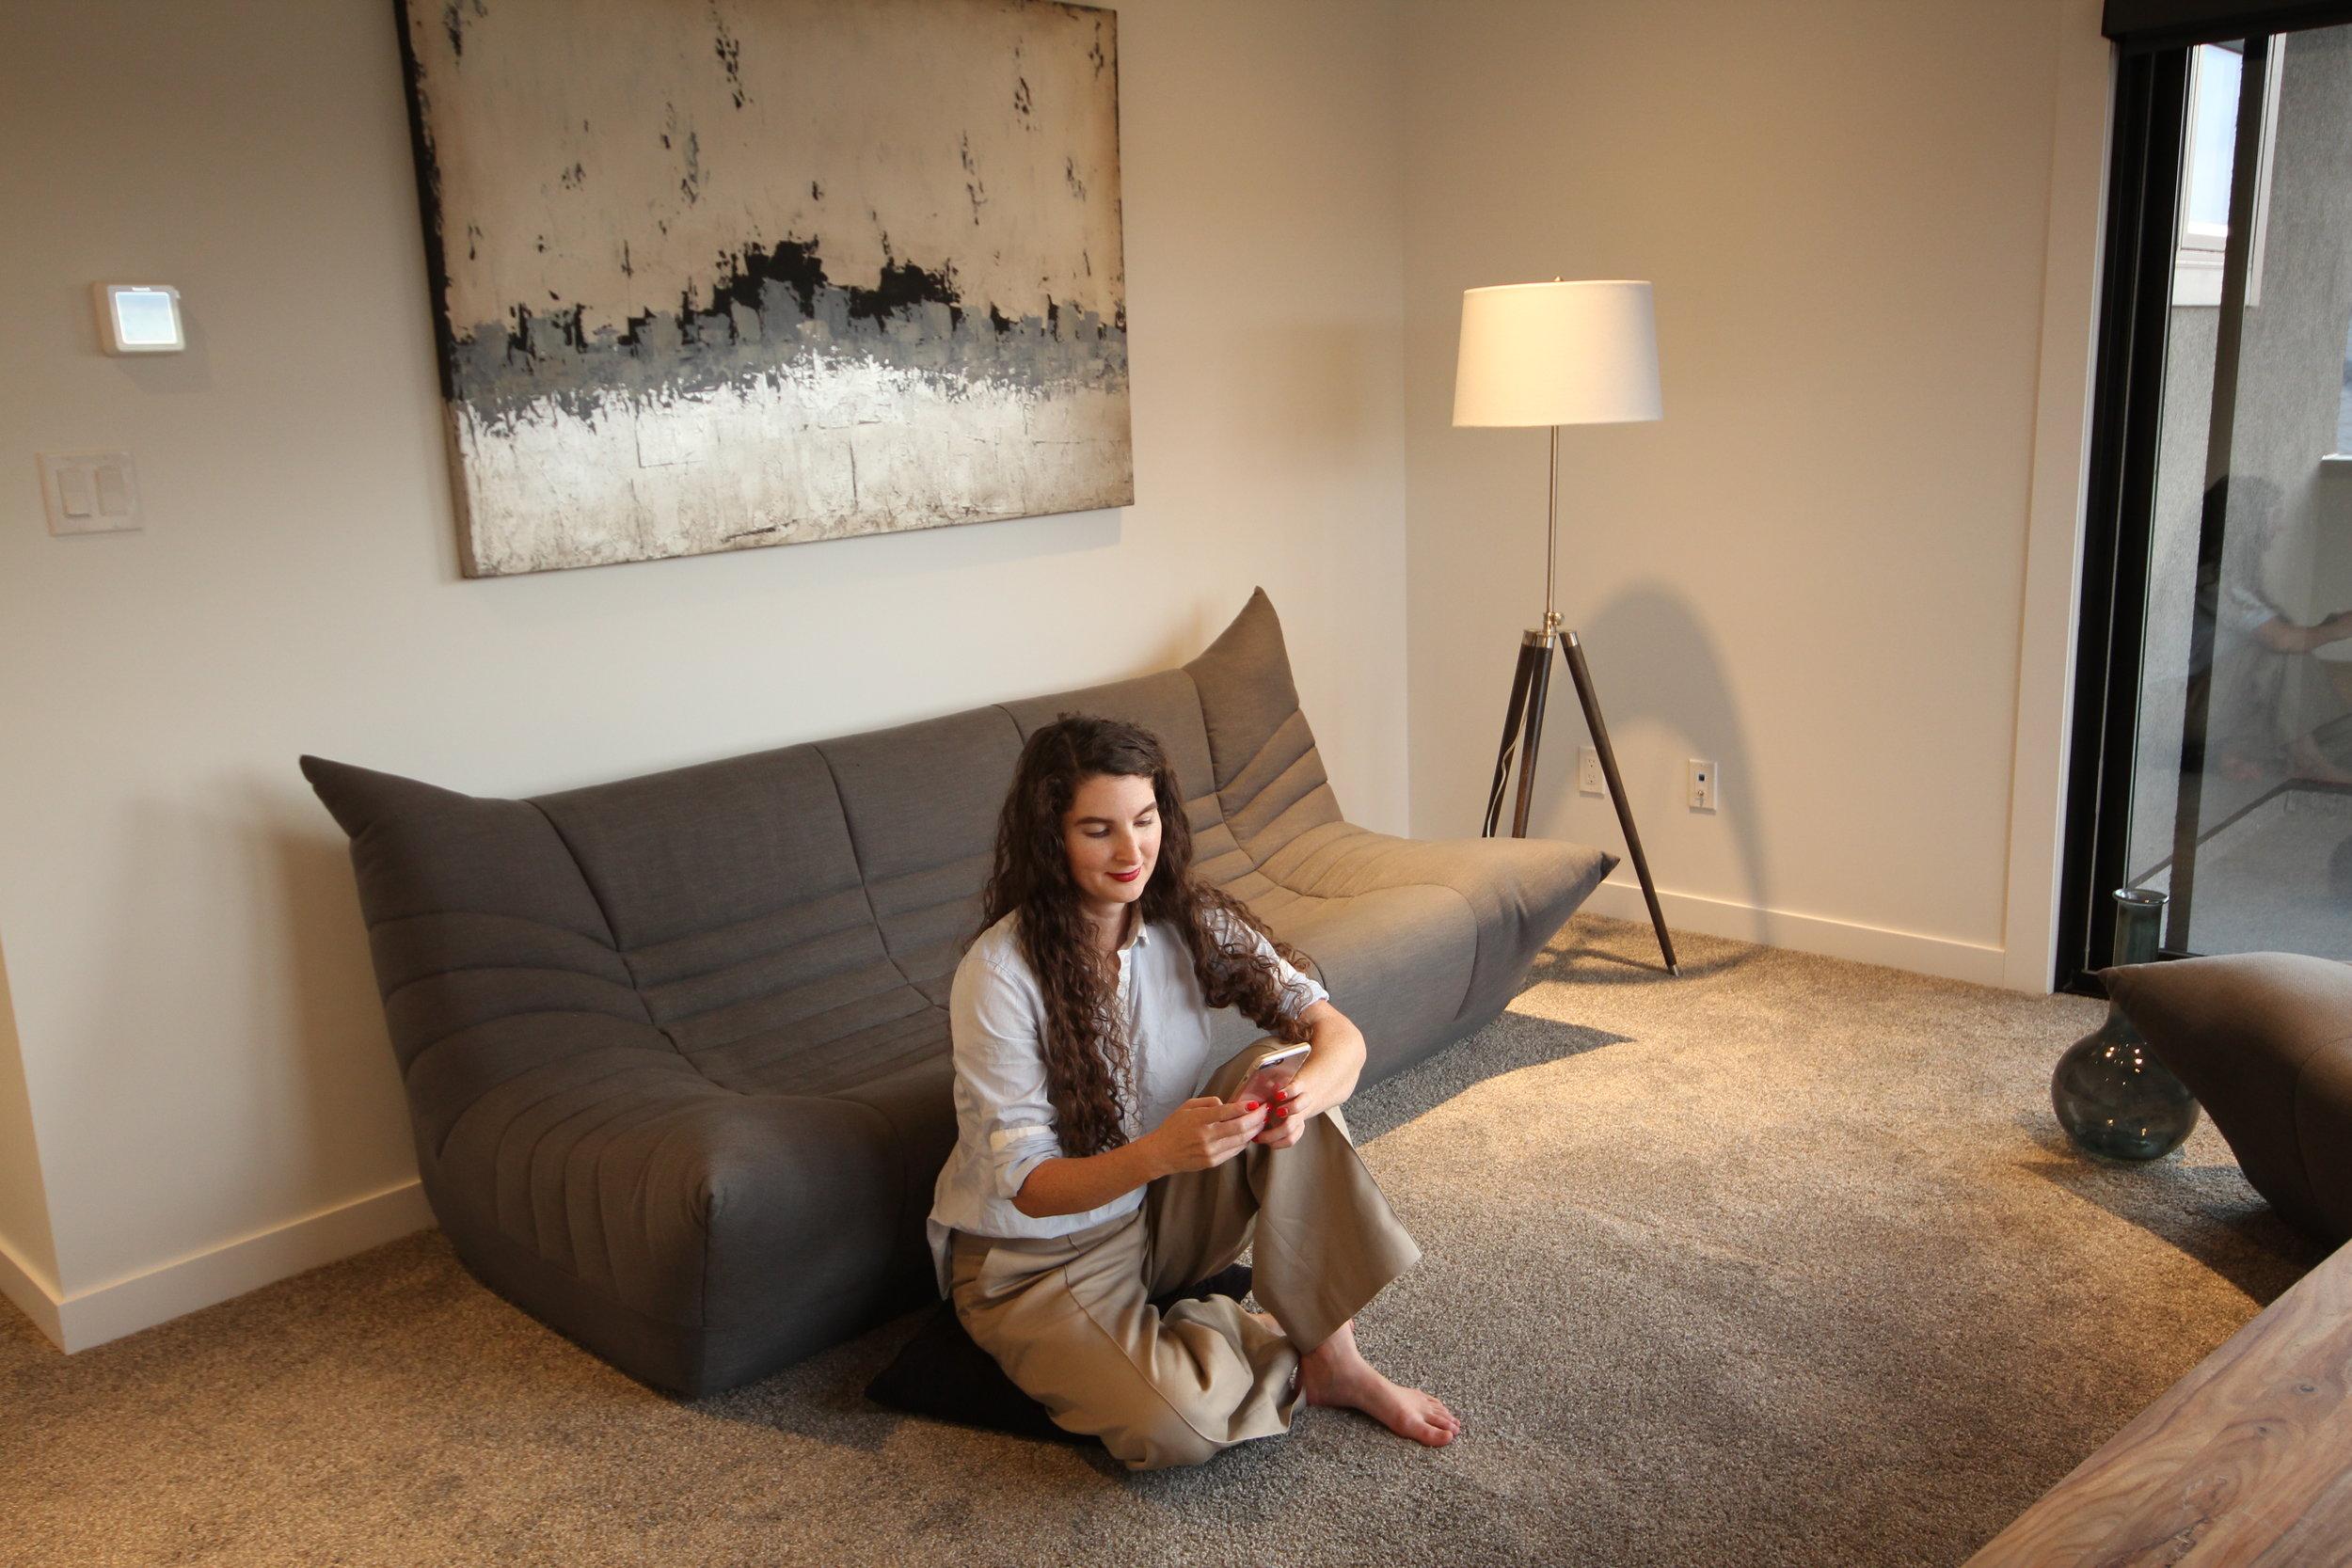 Copy of Wolseley sofa set. Blue Moon Furniture store in Winnipeg